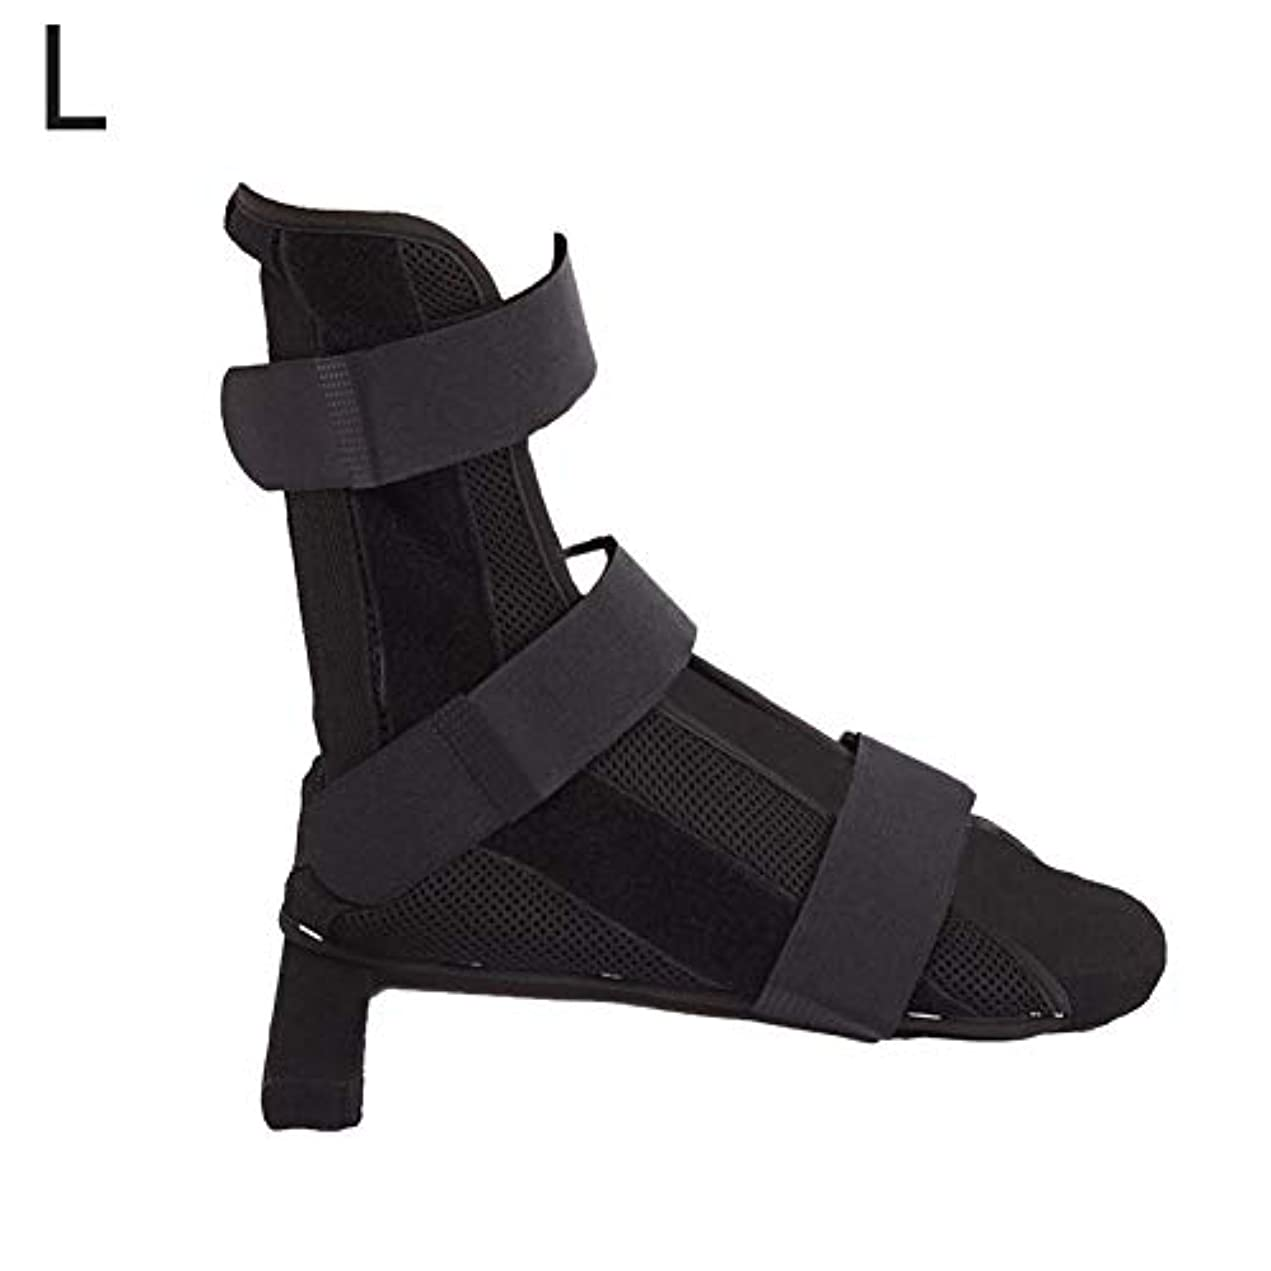 にはまってどんよりした時々足底筋膜スプリント足の再生のための3枚のプラスチック鋼板痛みの緩和のため整形外科リハビリテーション